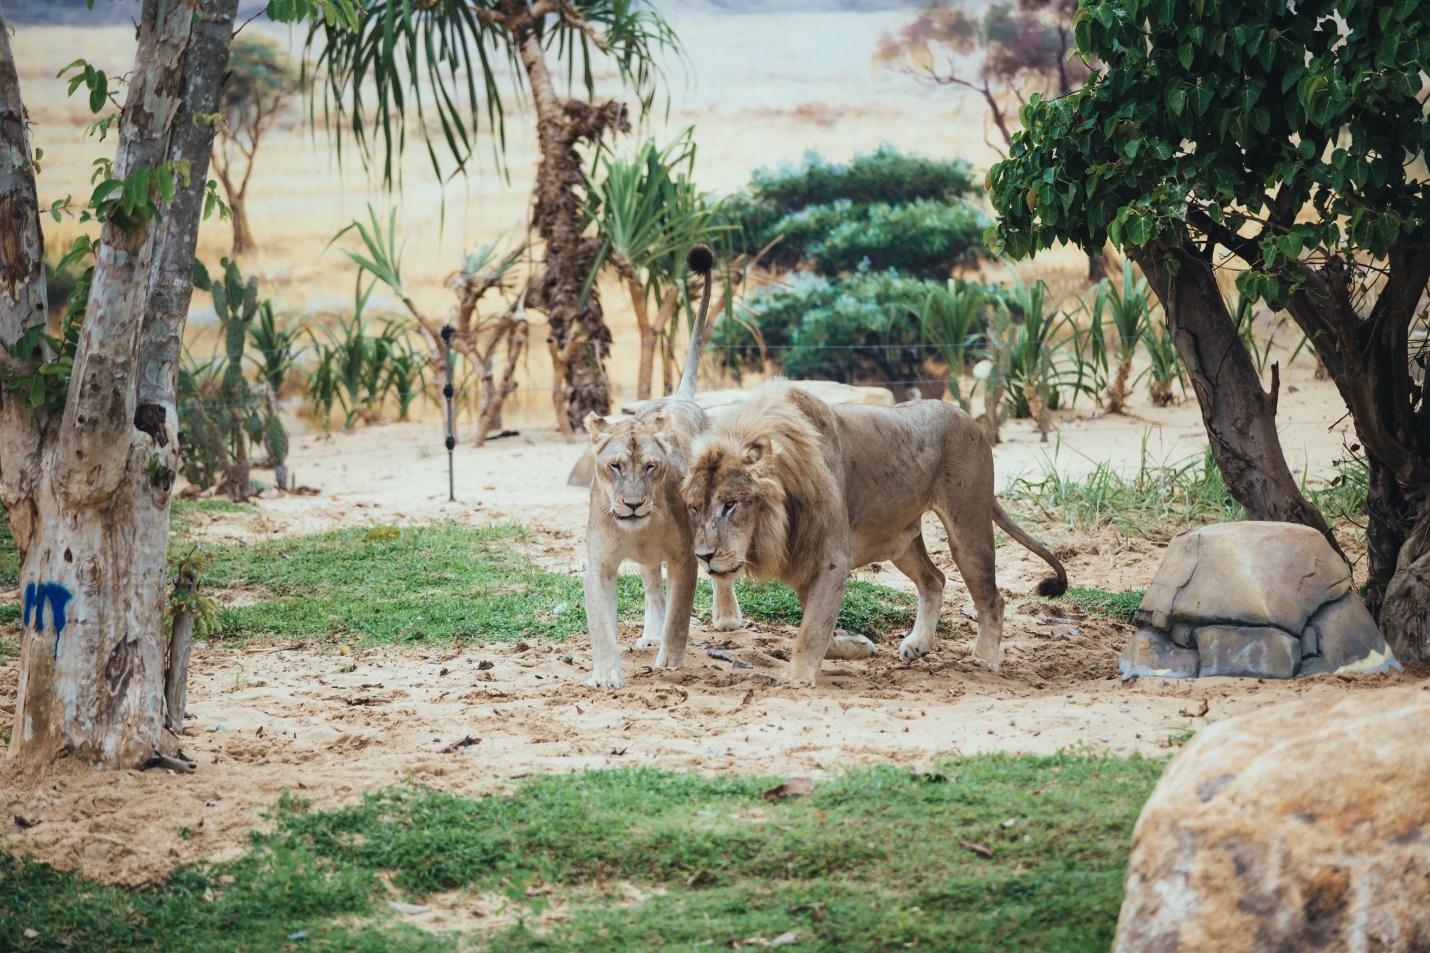 Một vòng khám phá River Safari - Công viên bảo tồn động vật hoang dã trên sông tại Hội An - Ảnh 11.